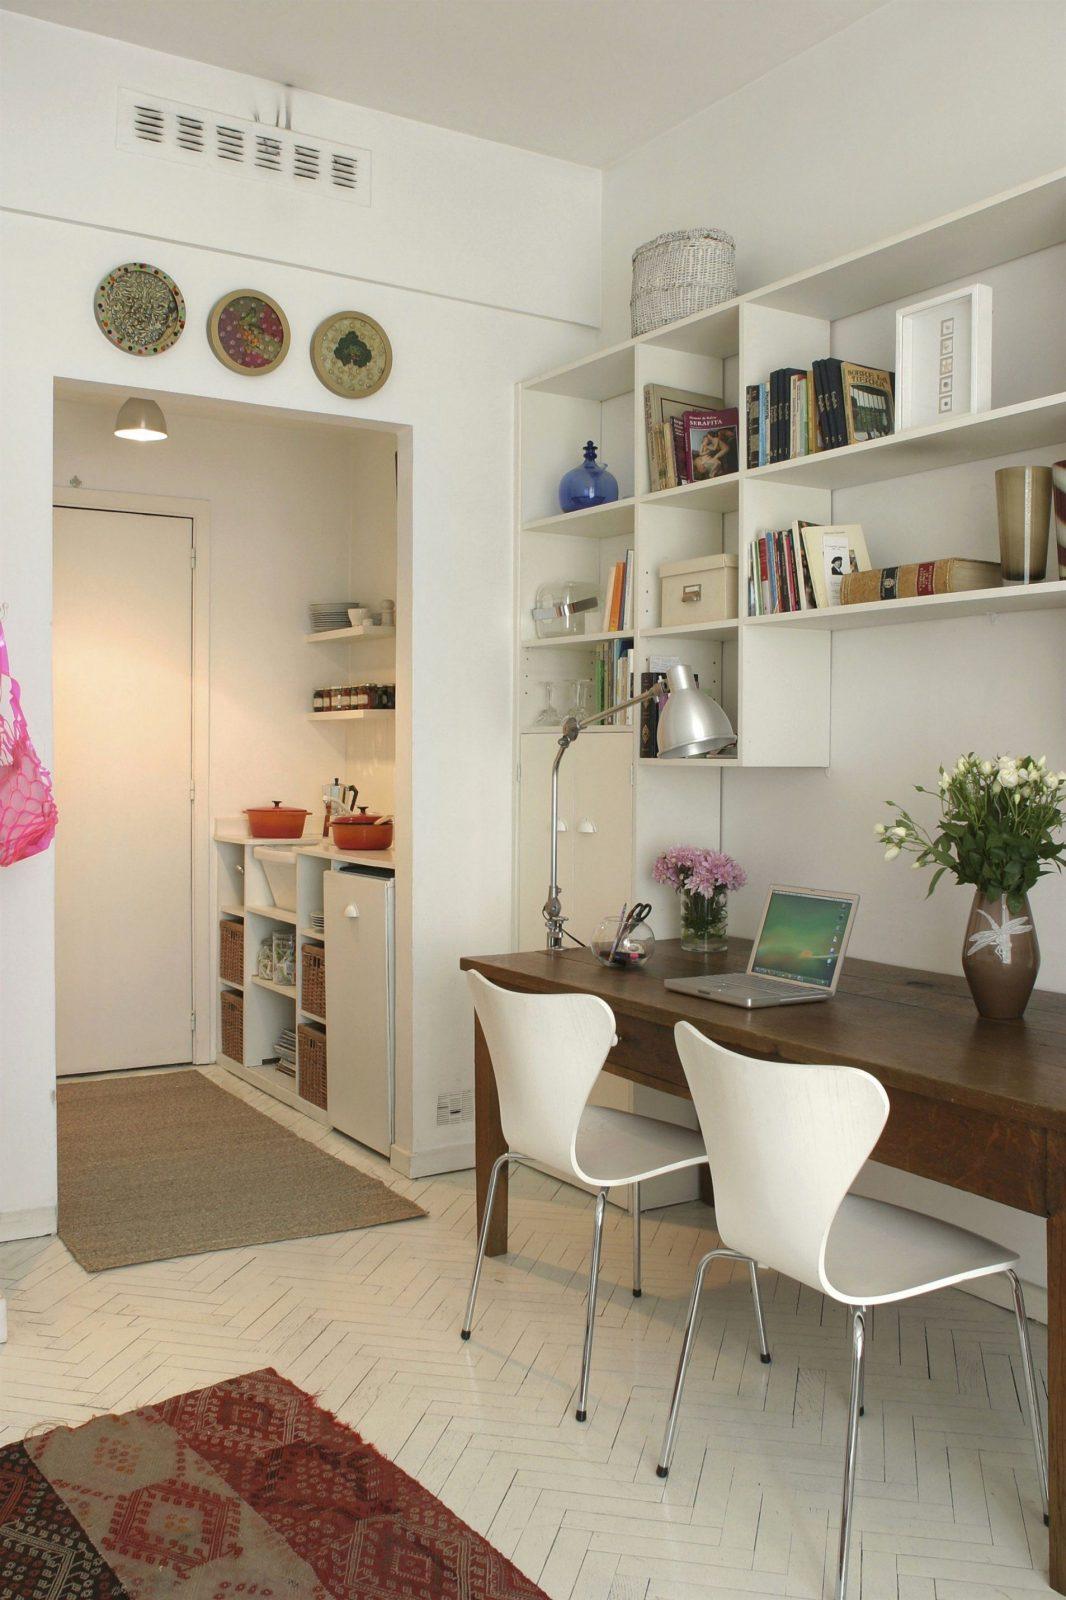 Deko Ein Zimmer Wohnung, Ideen Einrichtung Kleines Wohnzimmer 1 Zimmer  Wohnung Einrichten Ideen, Design